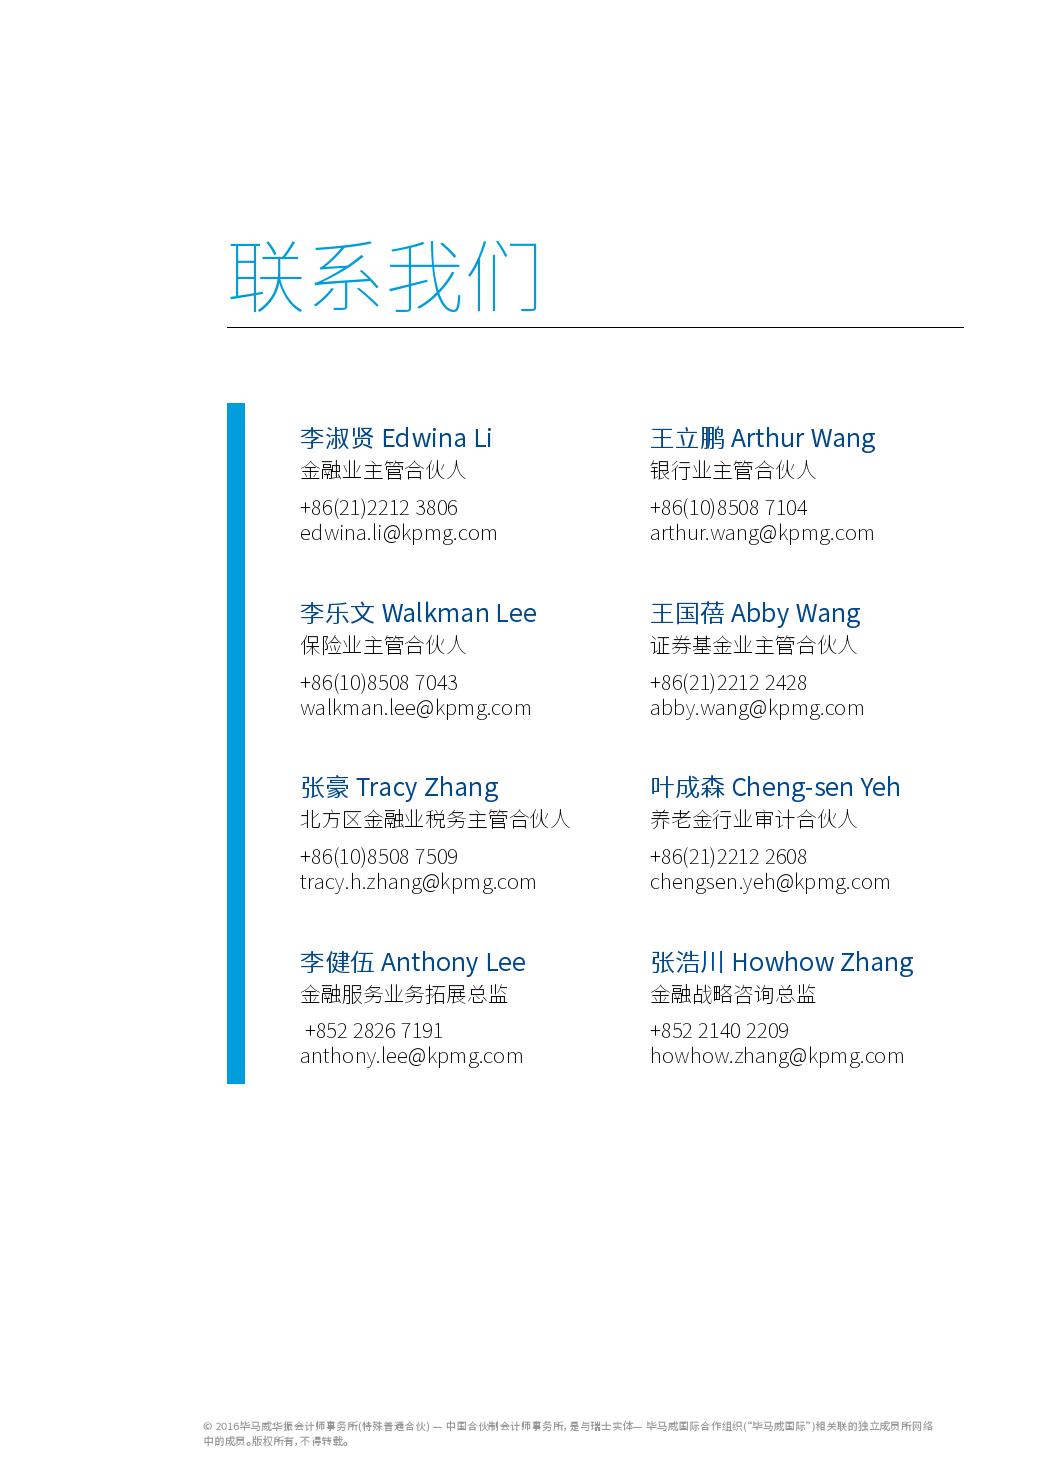 2016年中国养老金发展的战略趋势探讨_000018